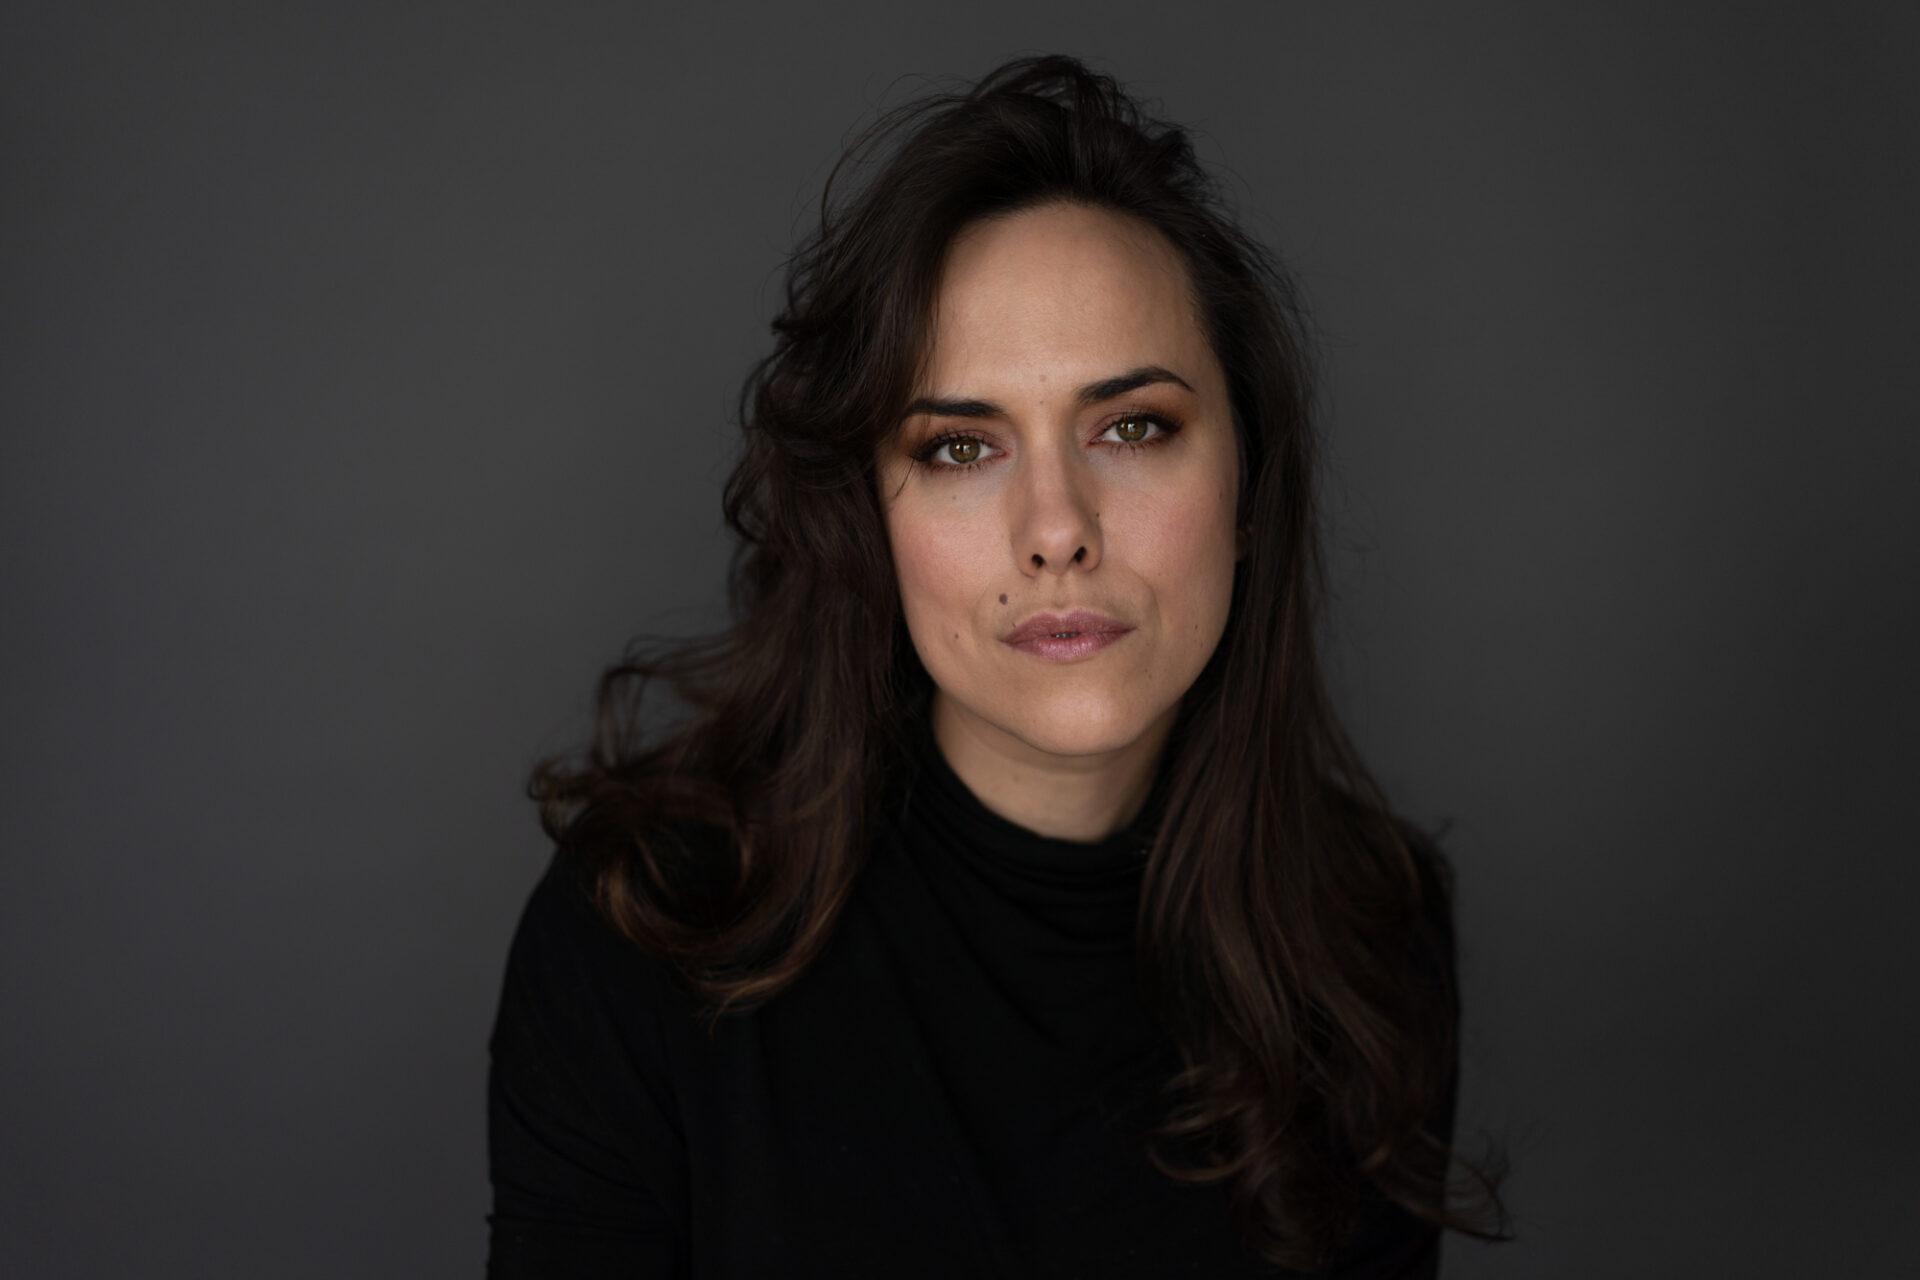 La réalisatrice Carinne Leduc